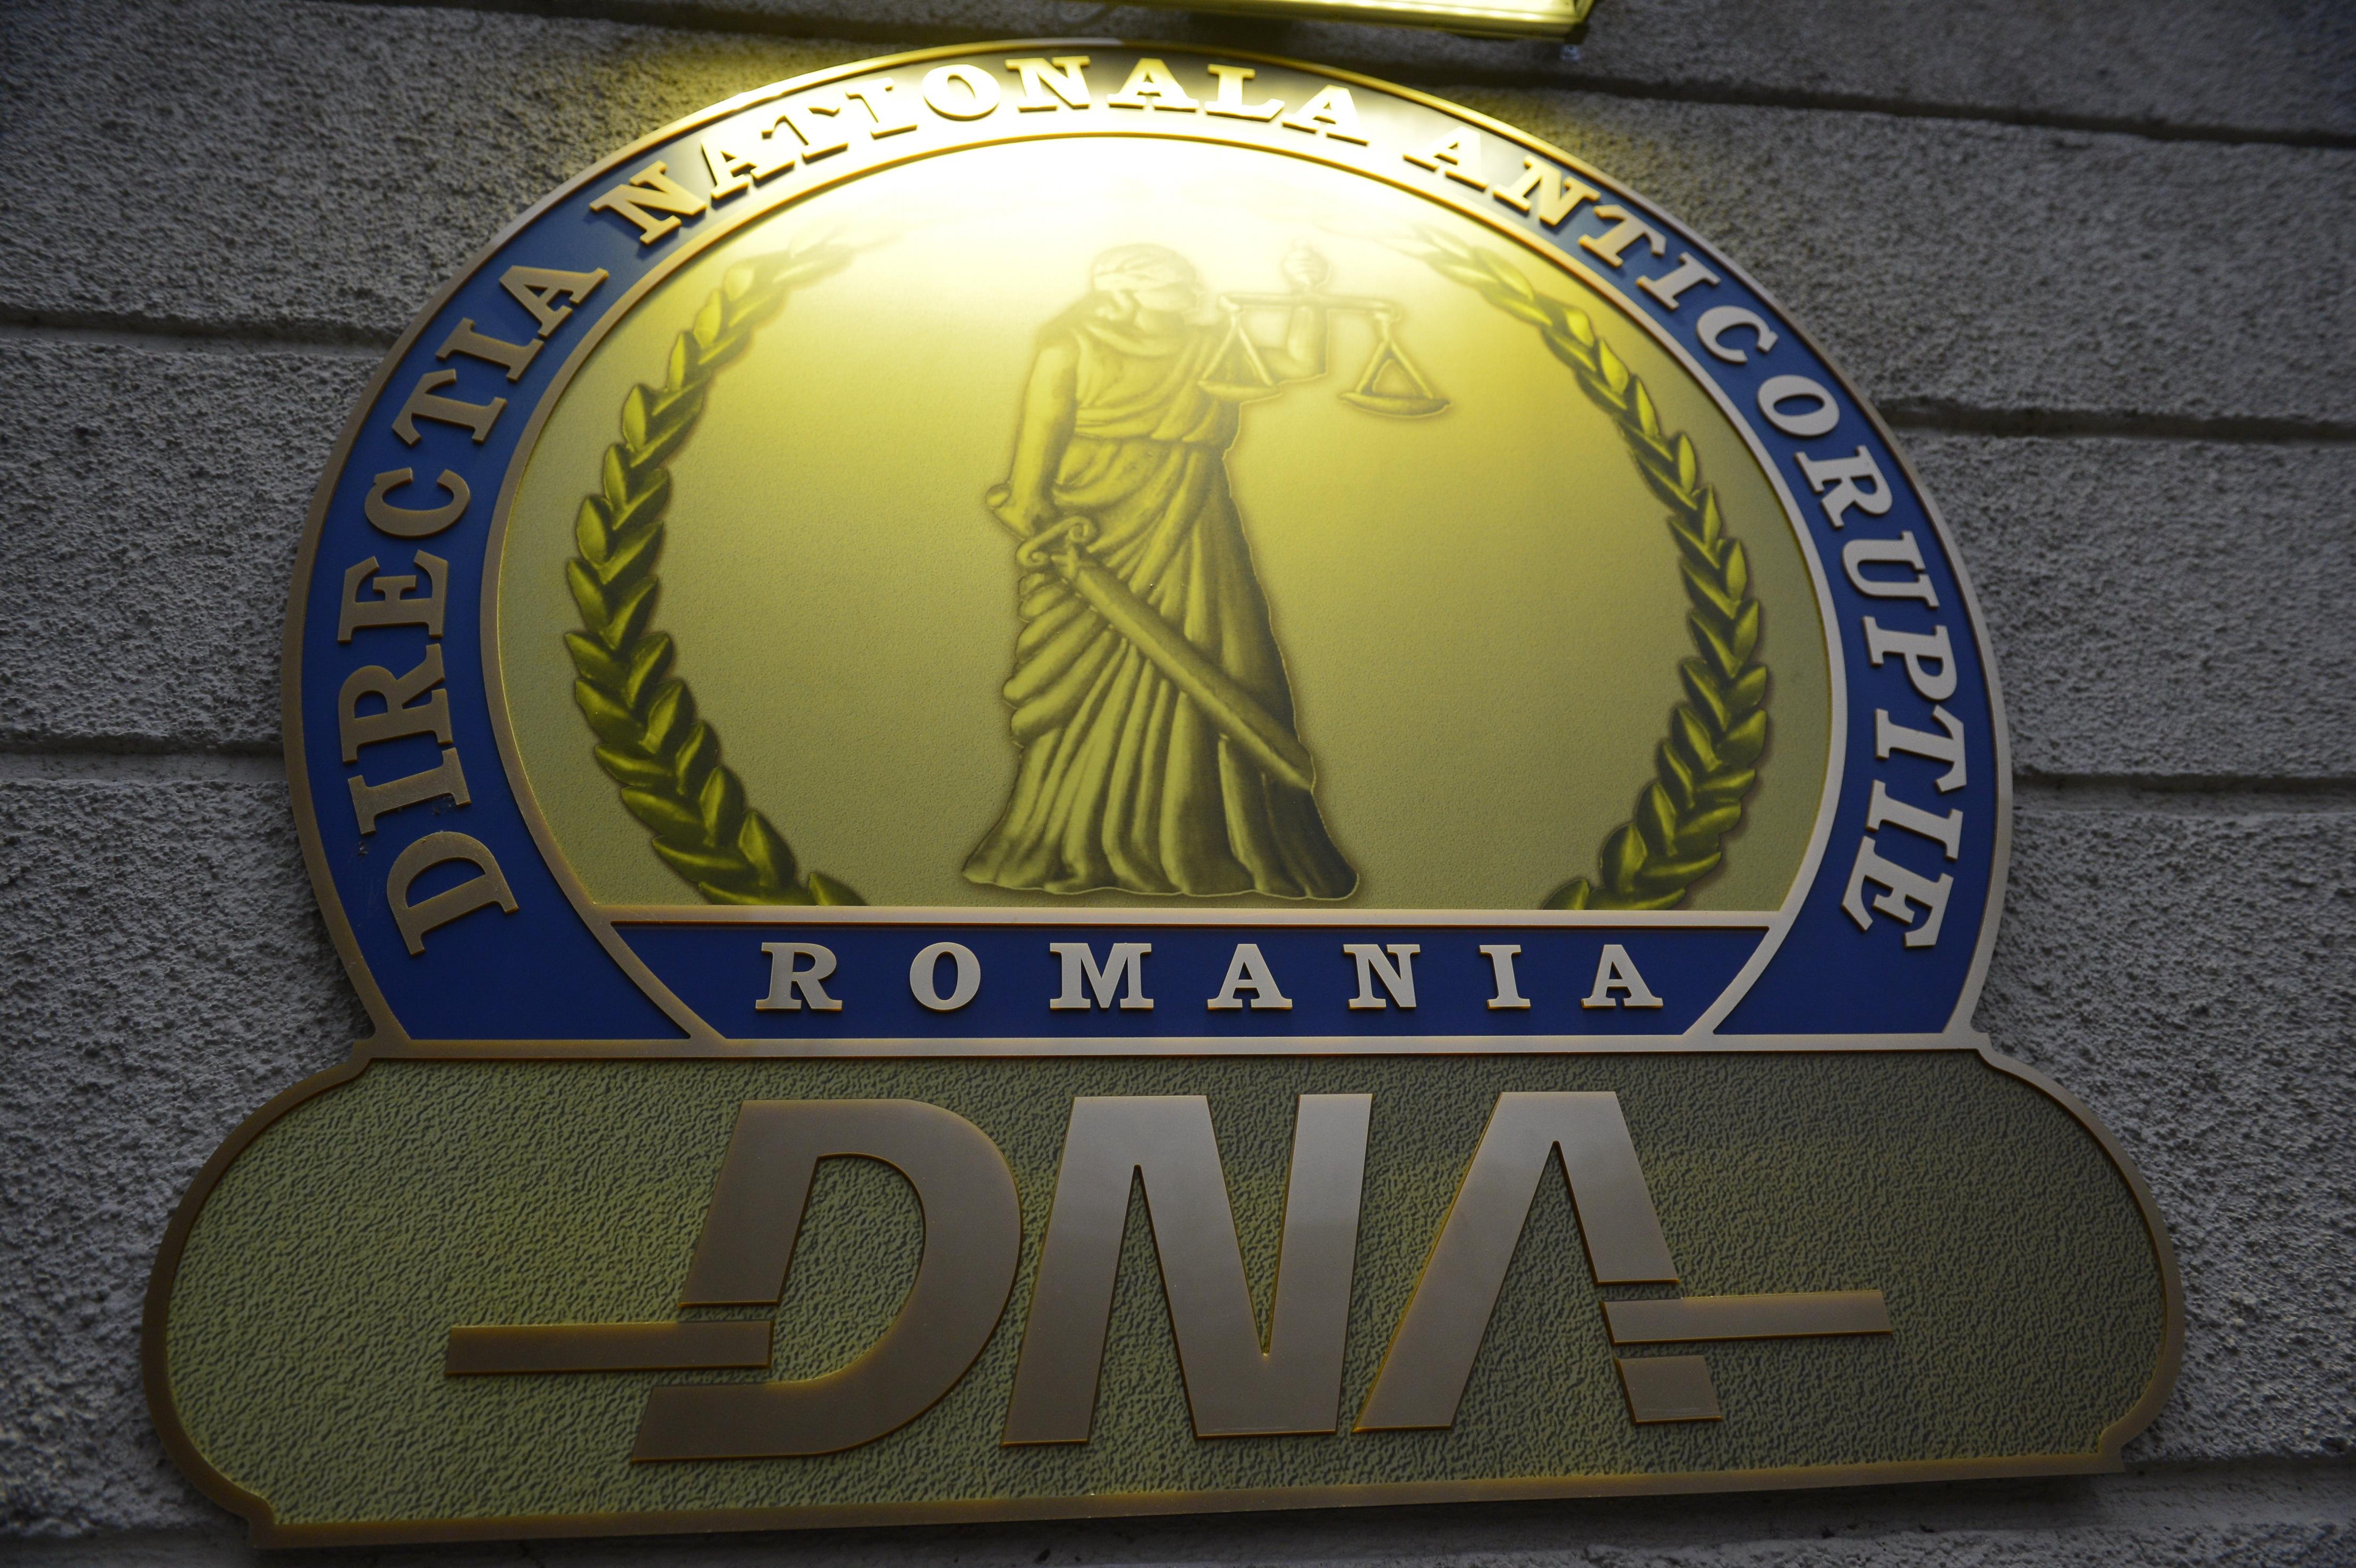 Plângerea contra procurorului DNA Jean Uncheşelu, care ar fi şantajat un funcţionar, înregistrată la Parchetul General